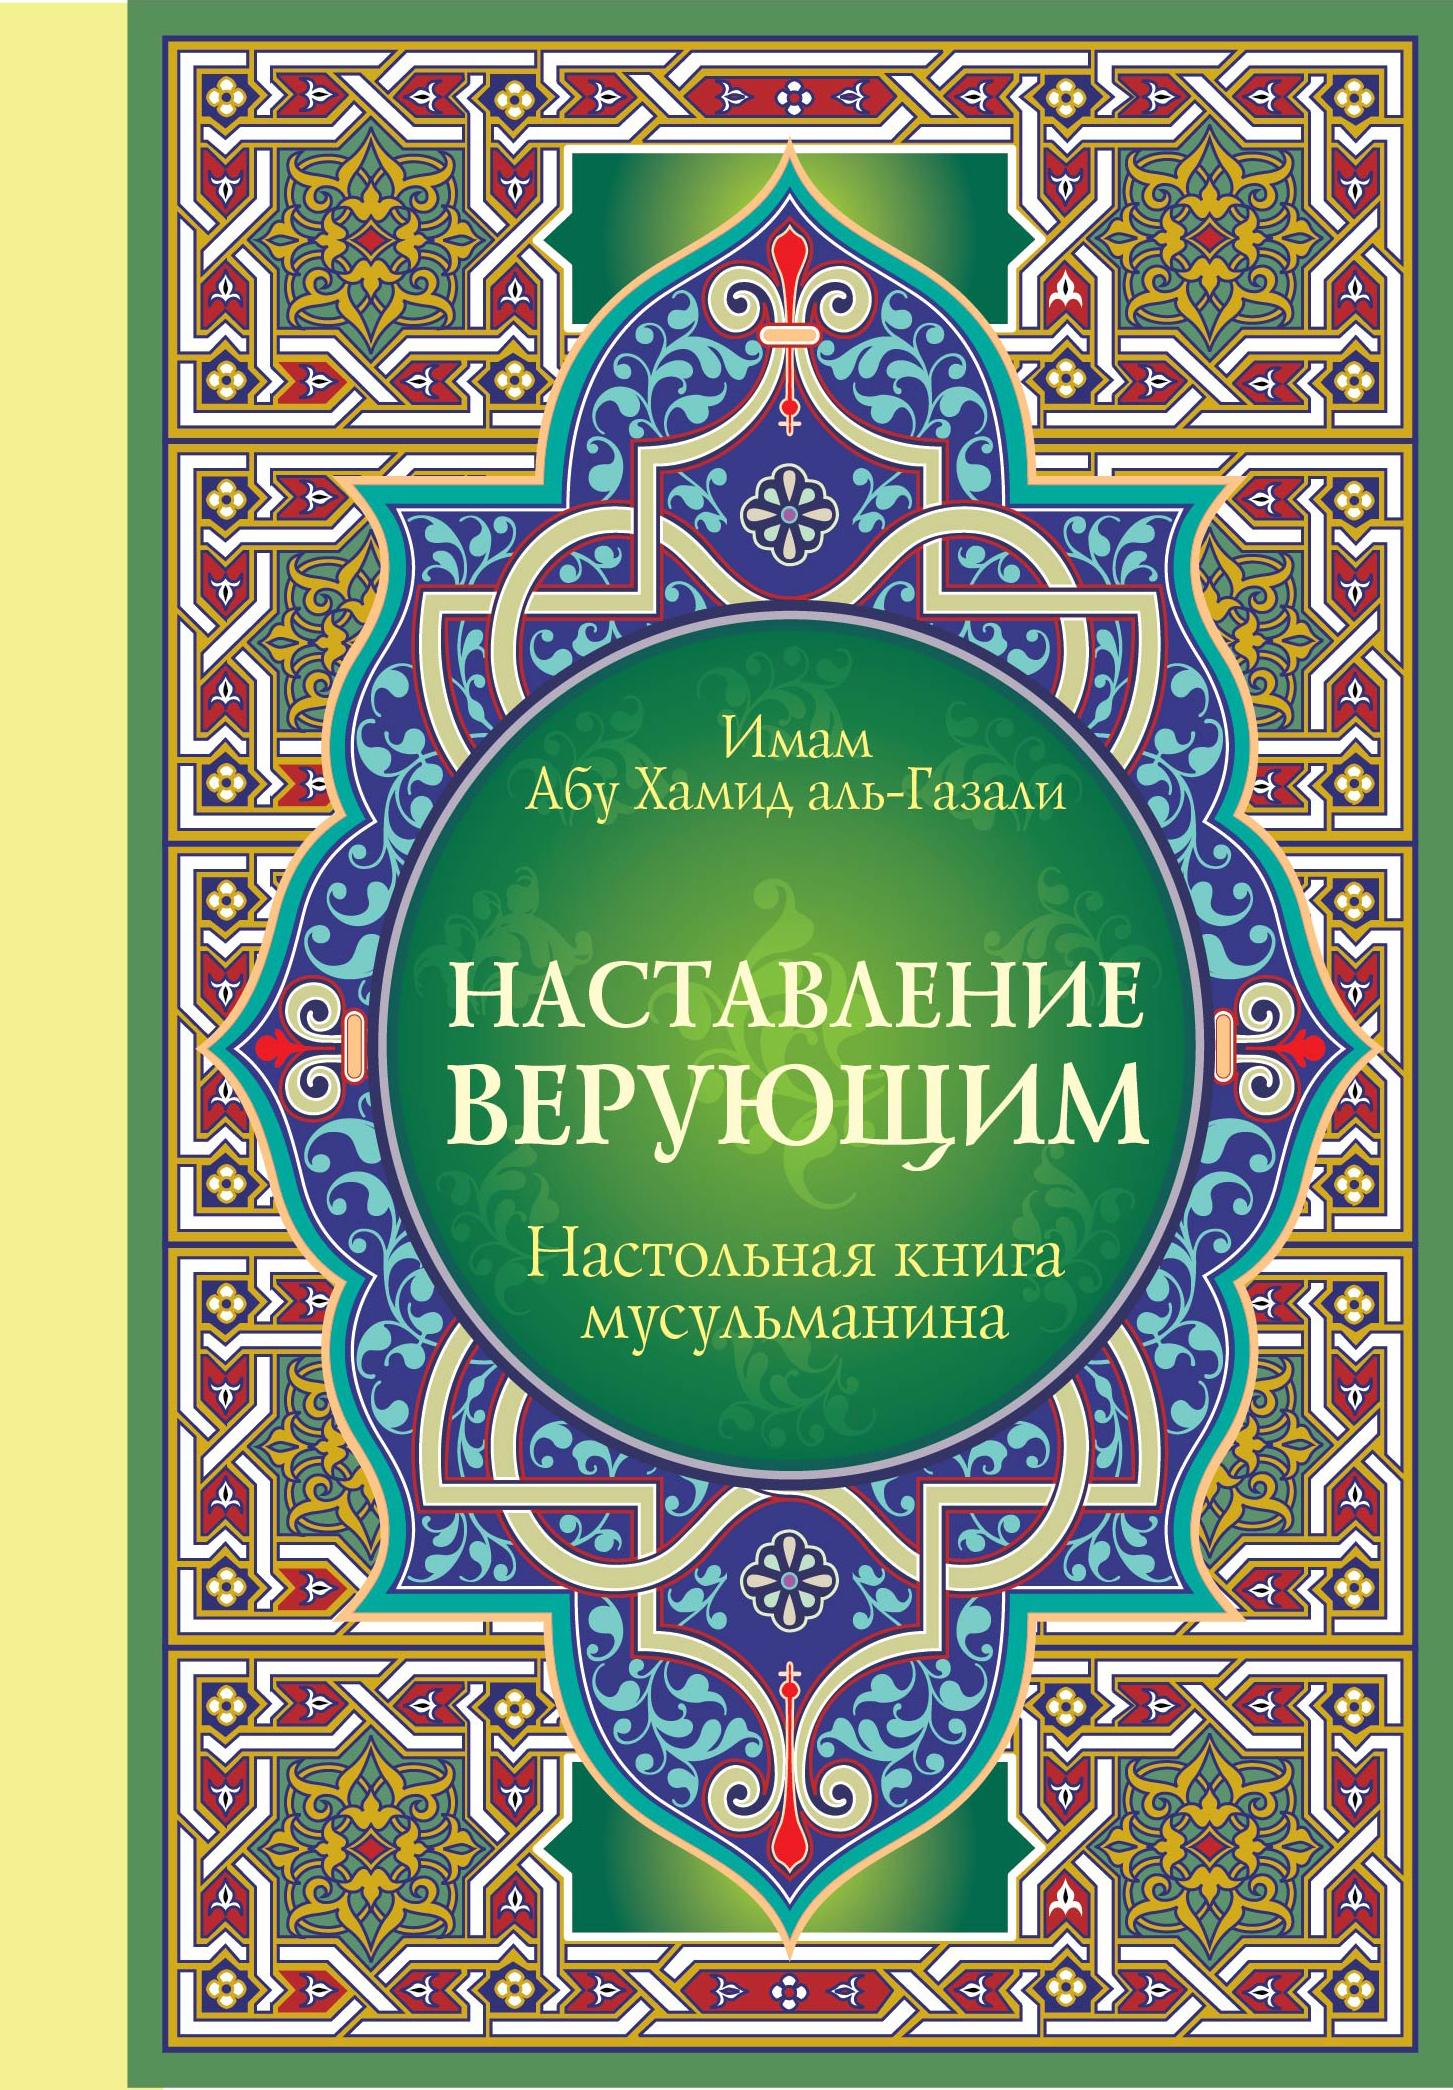 Настольная книга мусульманина: Наставление верующим ( Имам Абу Х.  )